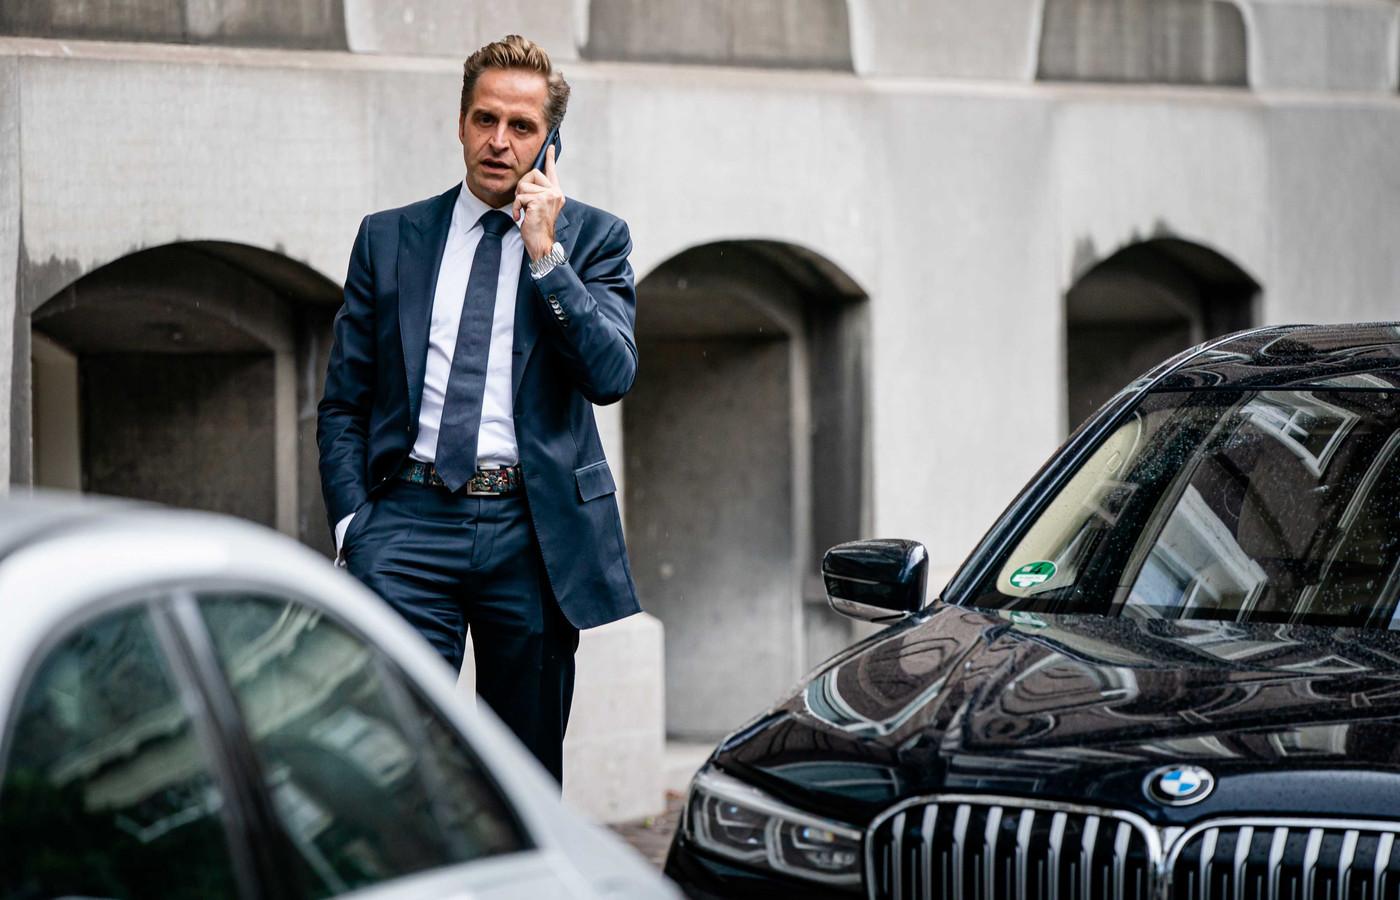 Minister Hugo de Jonge van Volksgezondheid, Welzijn en Sport (CDA) komt aan op het Binnenhof voor de ministerraad